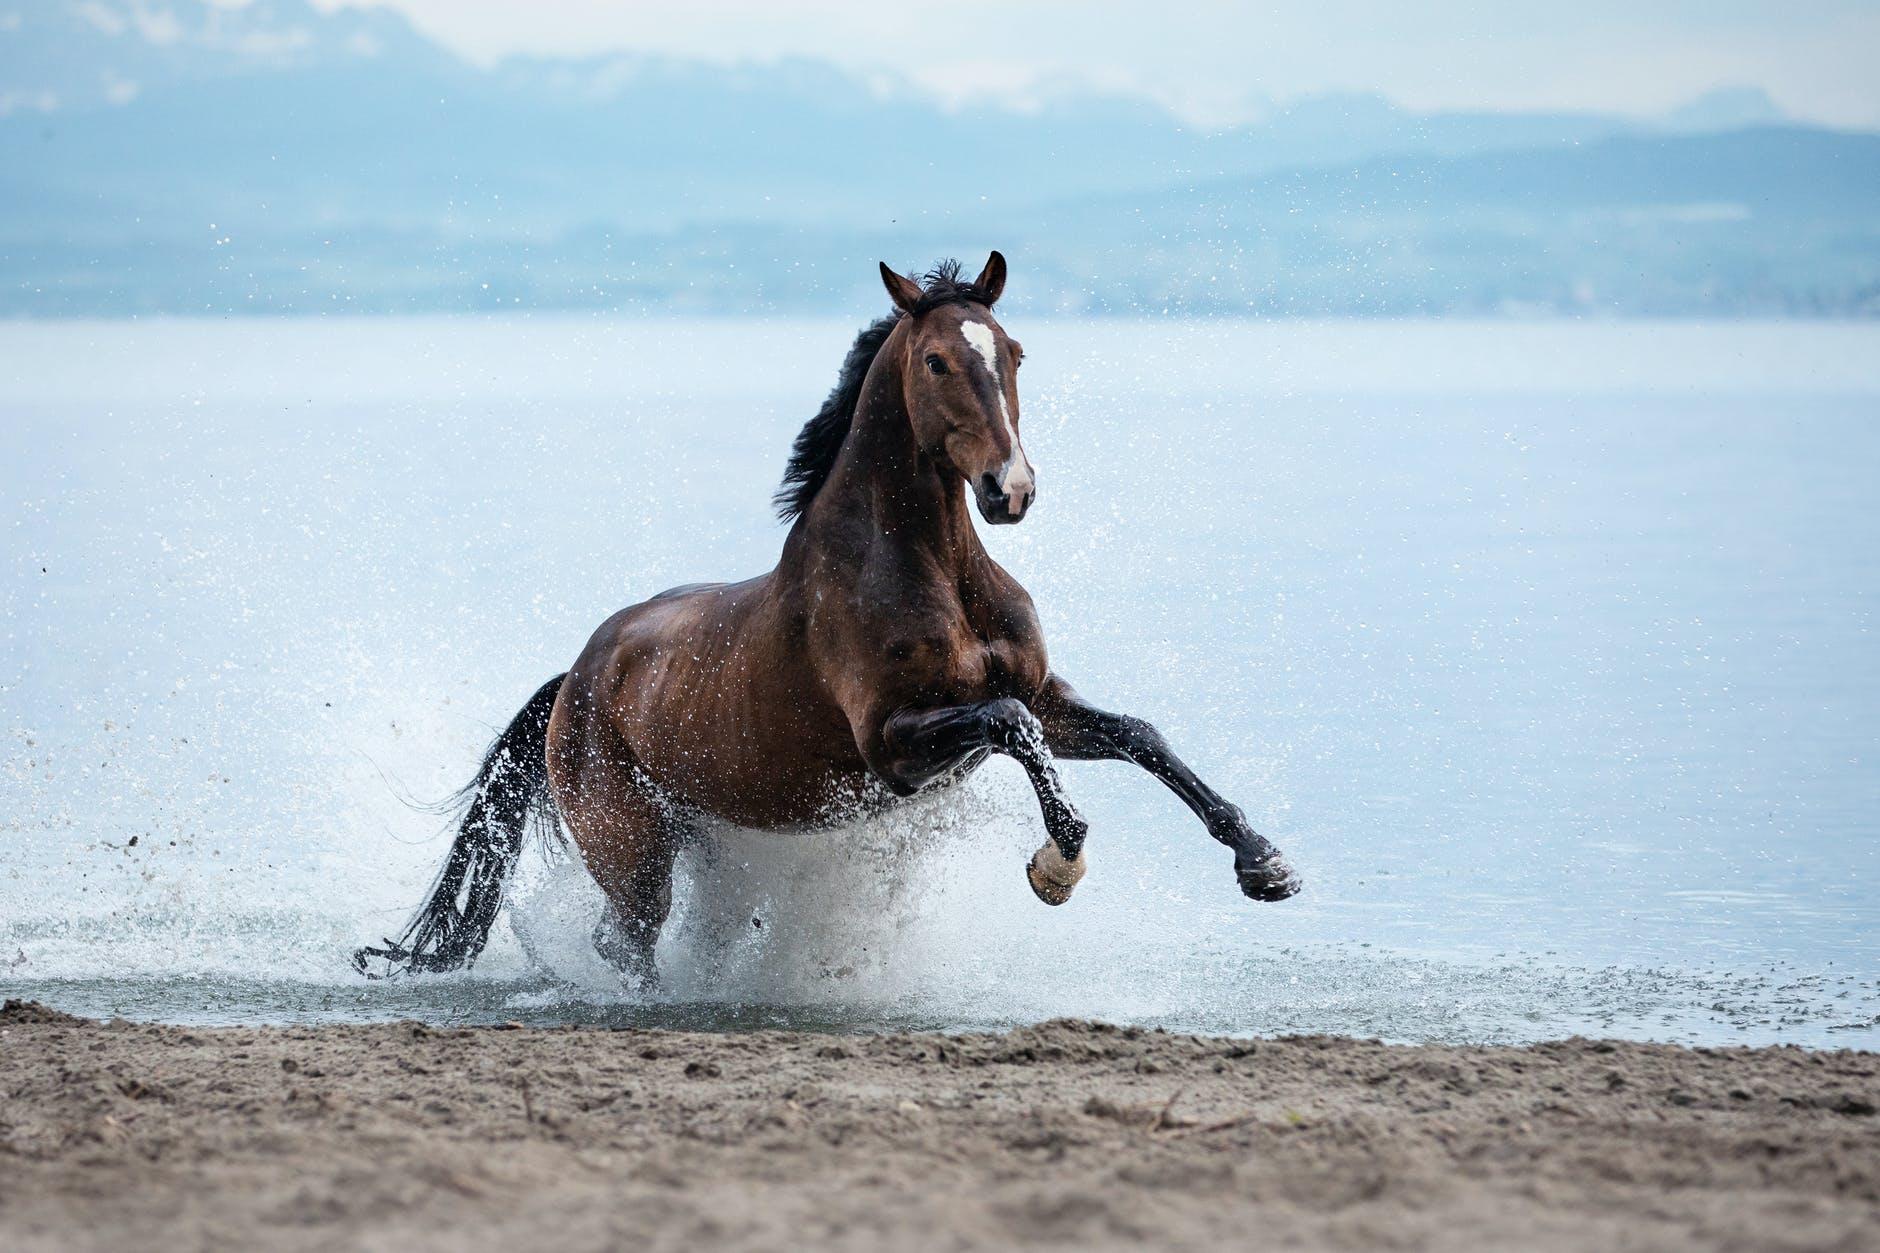 A horse horses along the beach.